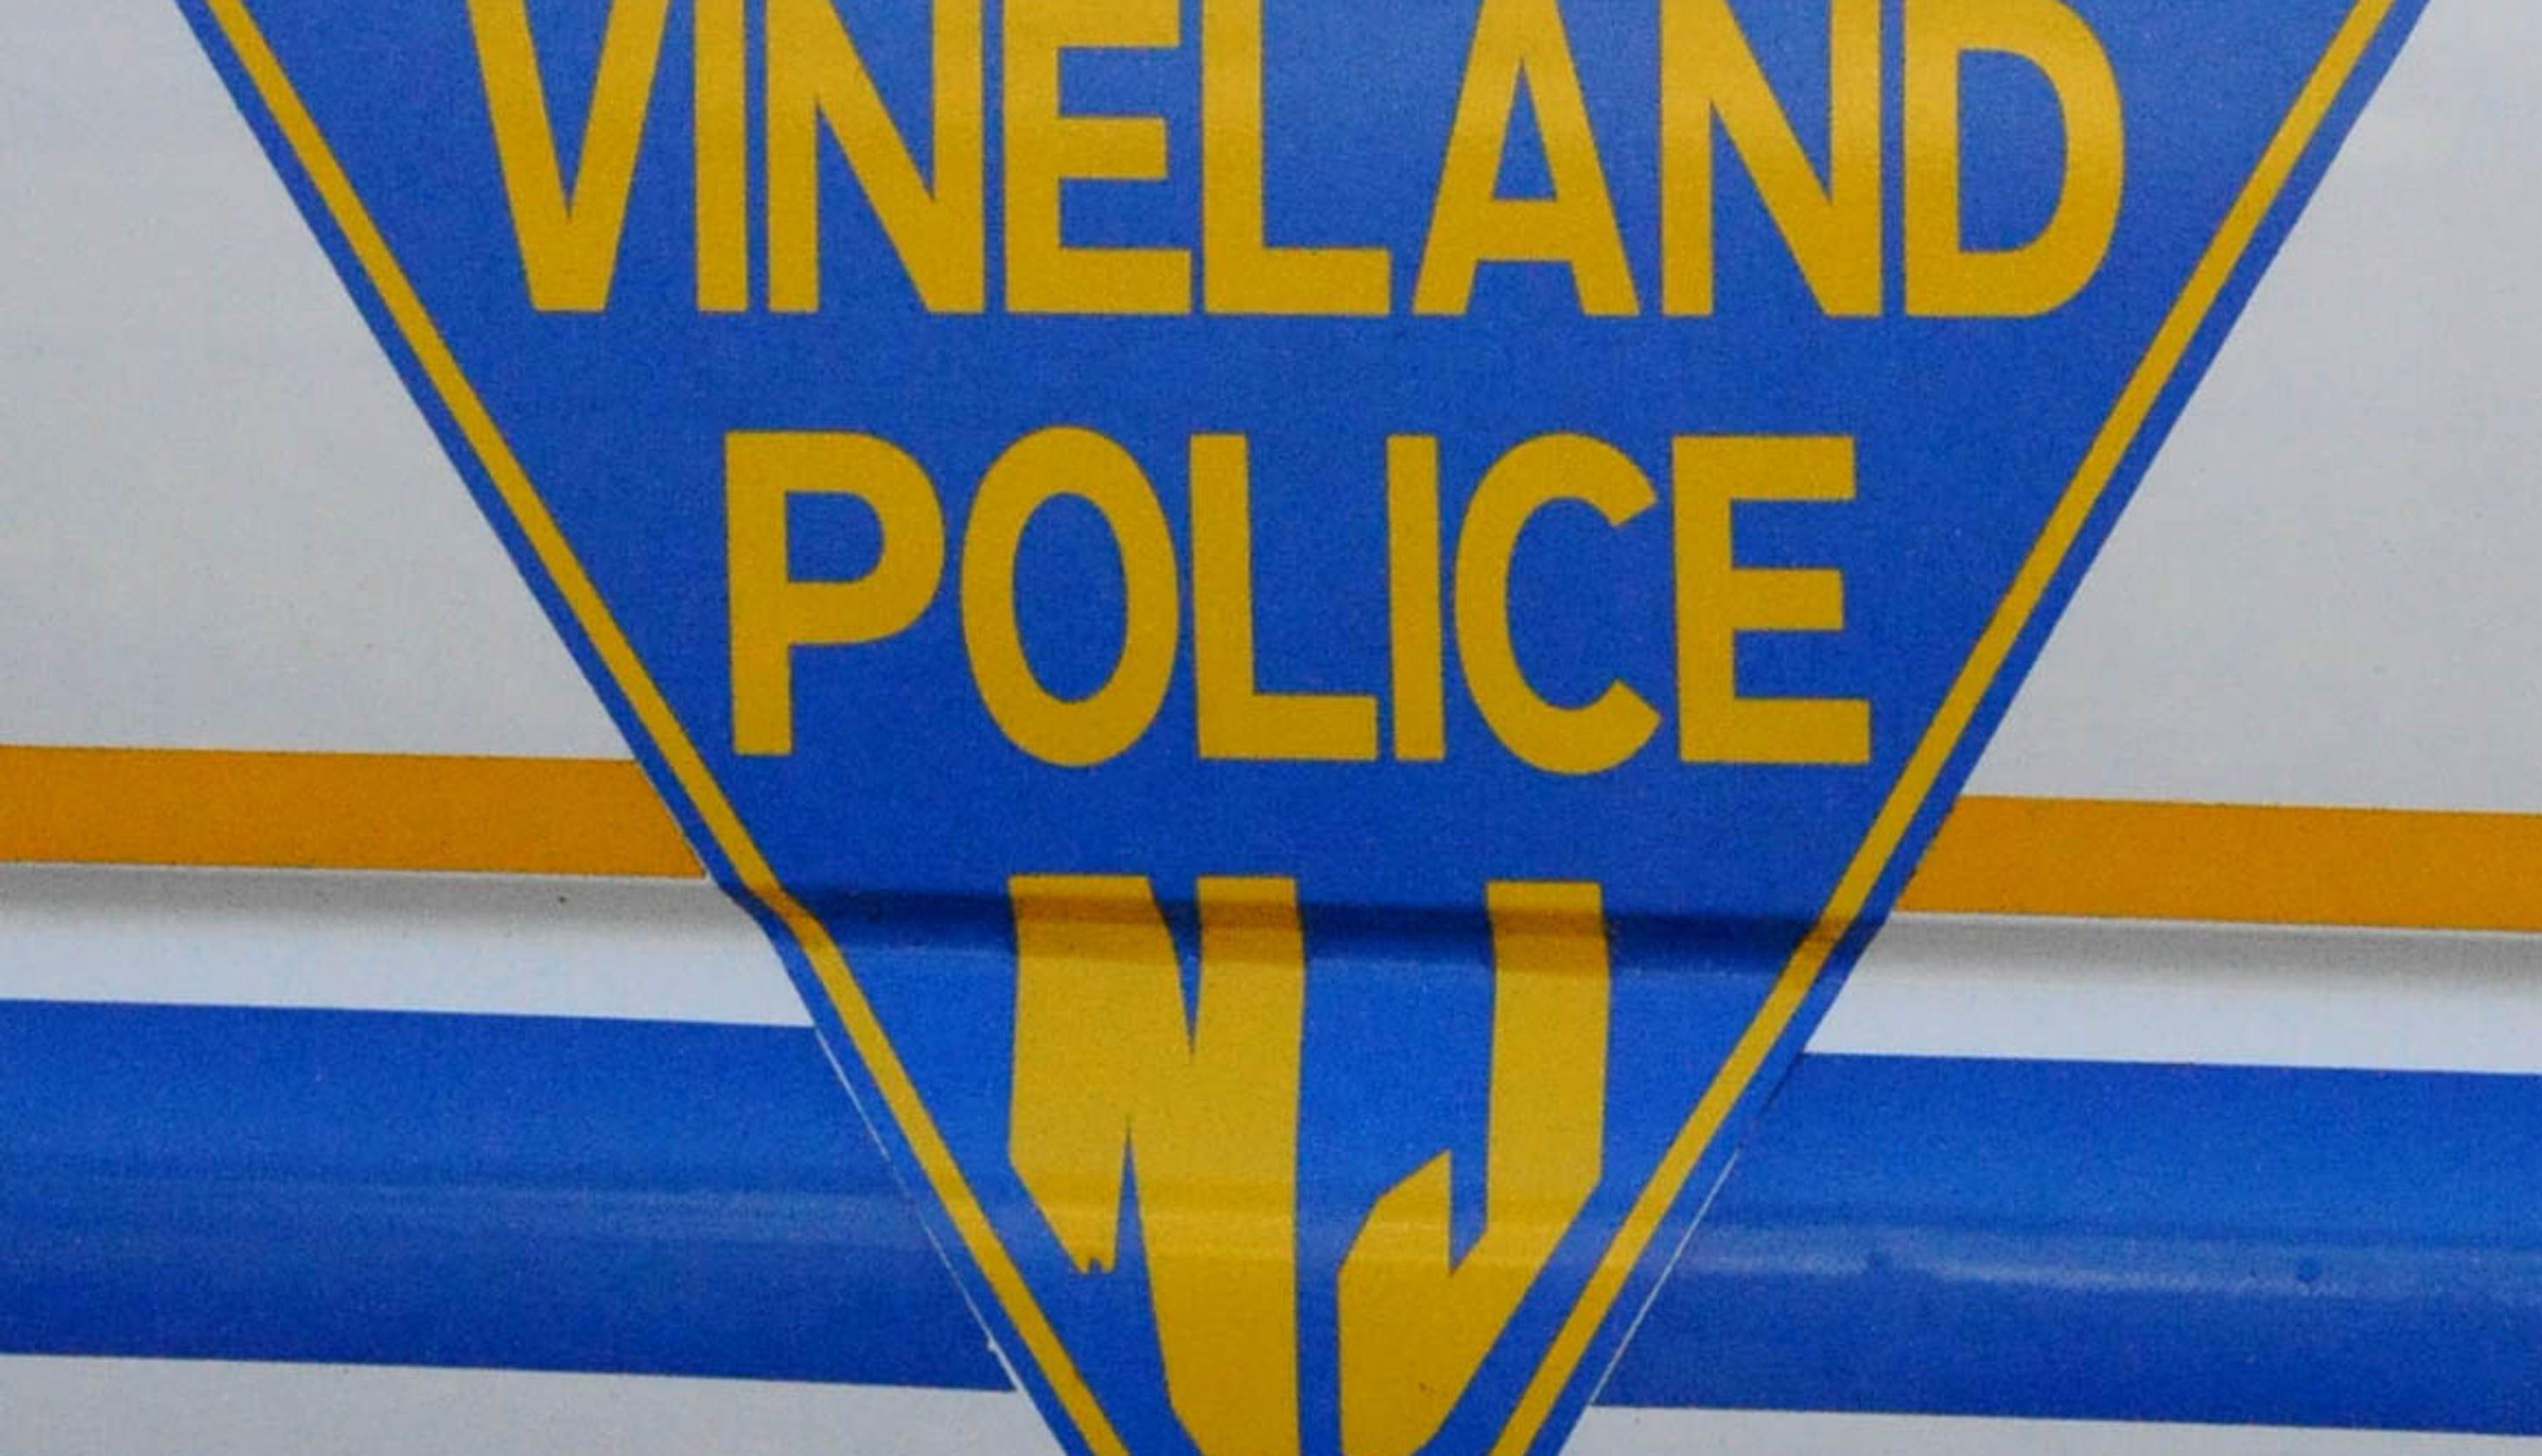 Vineland police blamed in lawsuit for mistaking rock salt